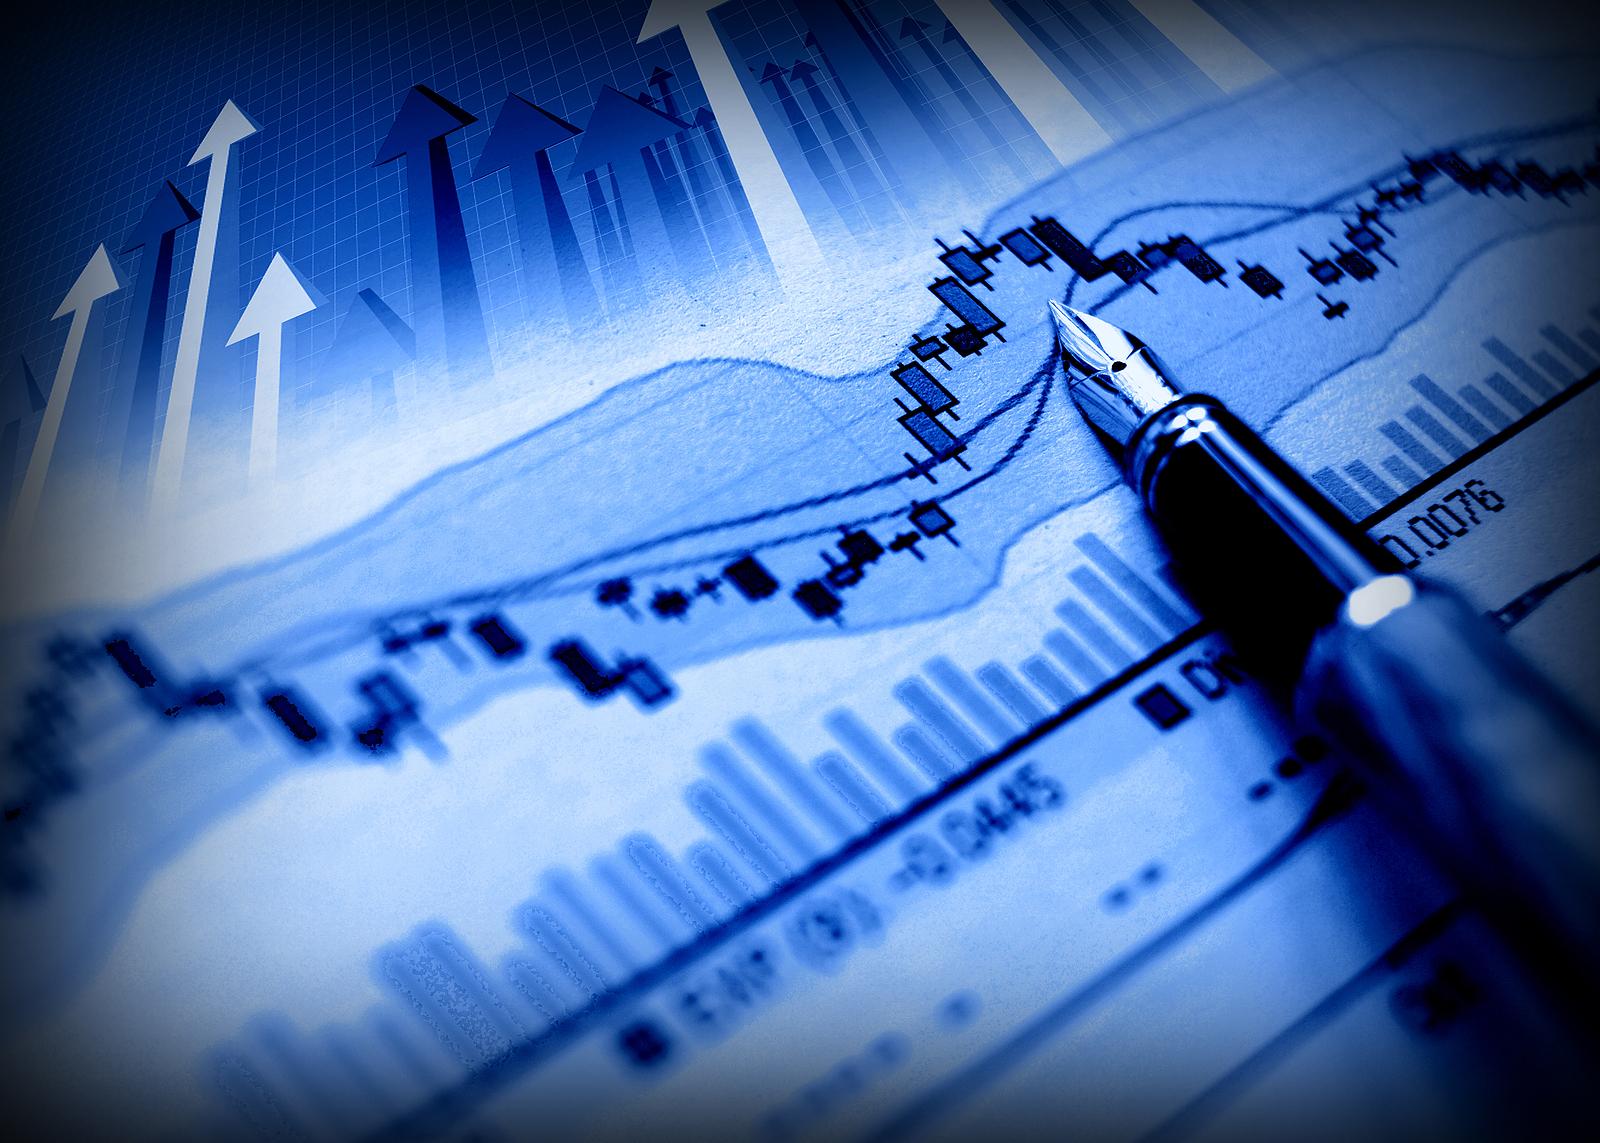 Suchen Sie zusätzliches Kapital für Ihre Firma?